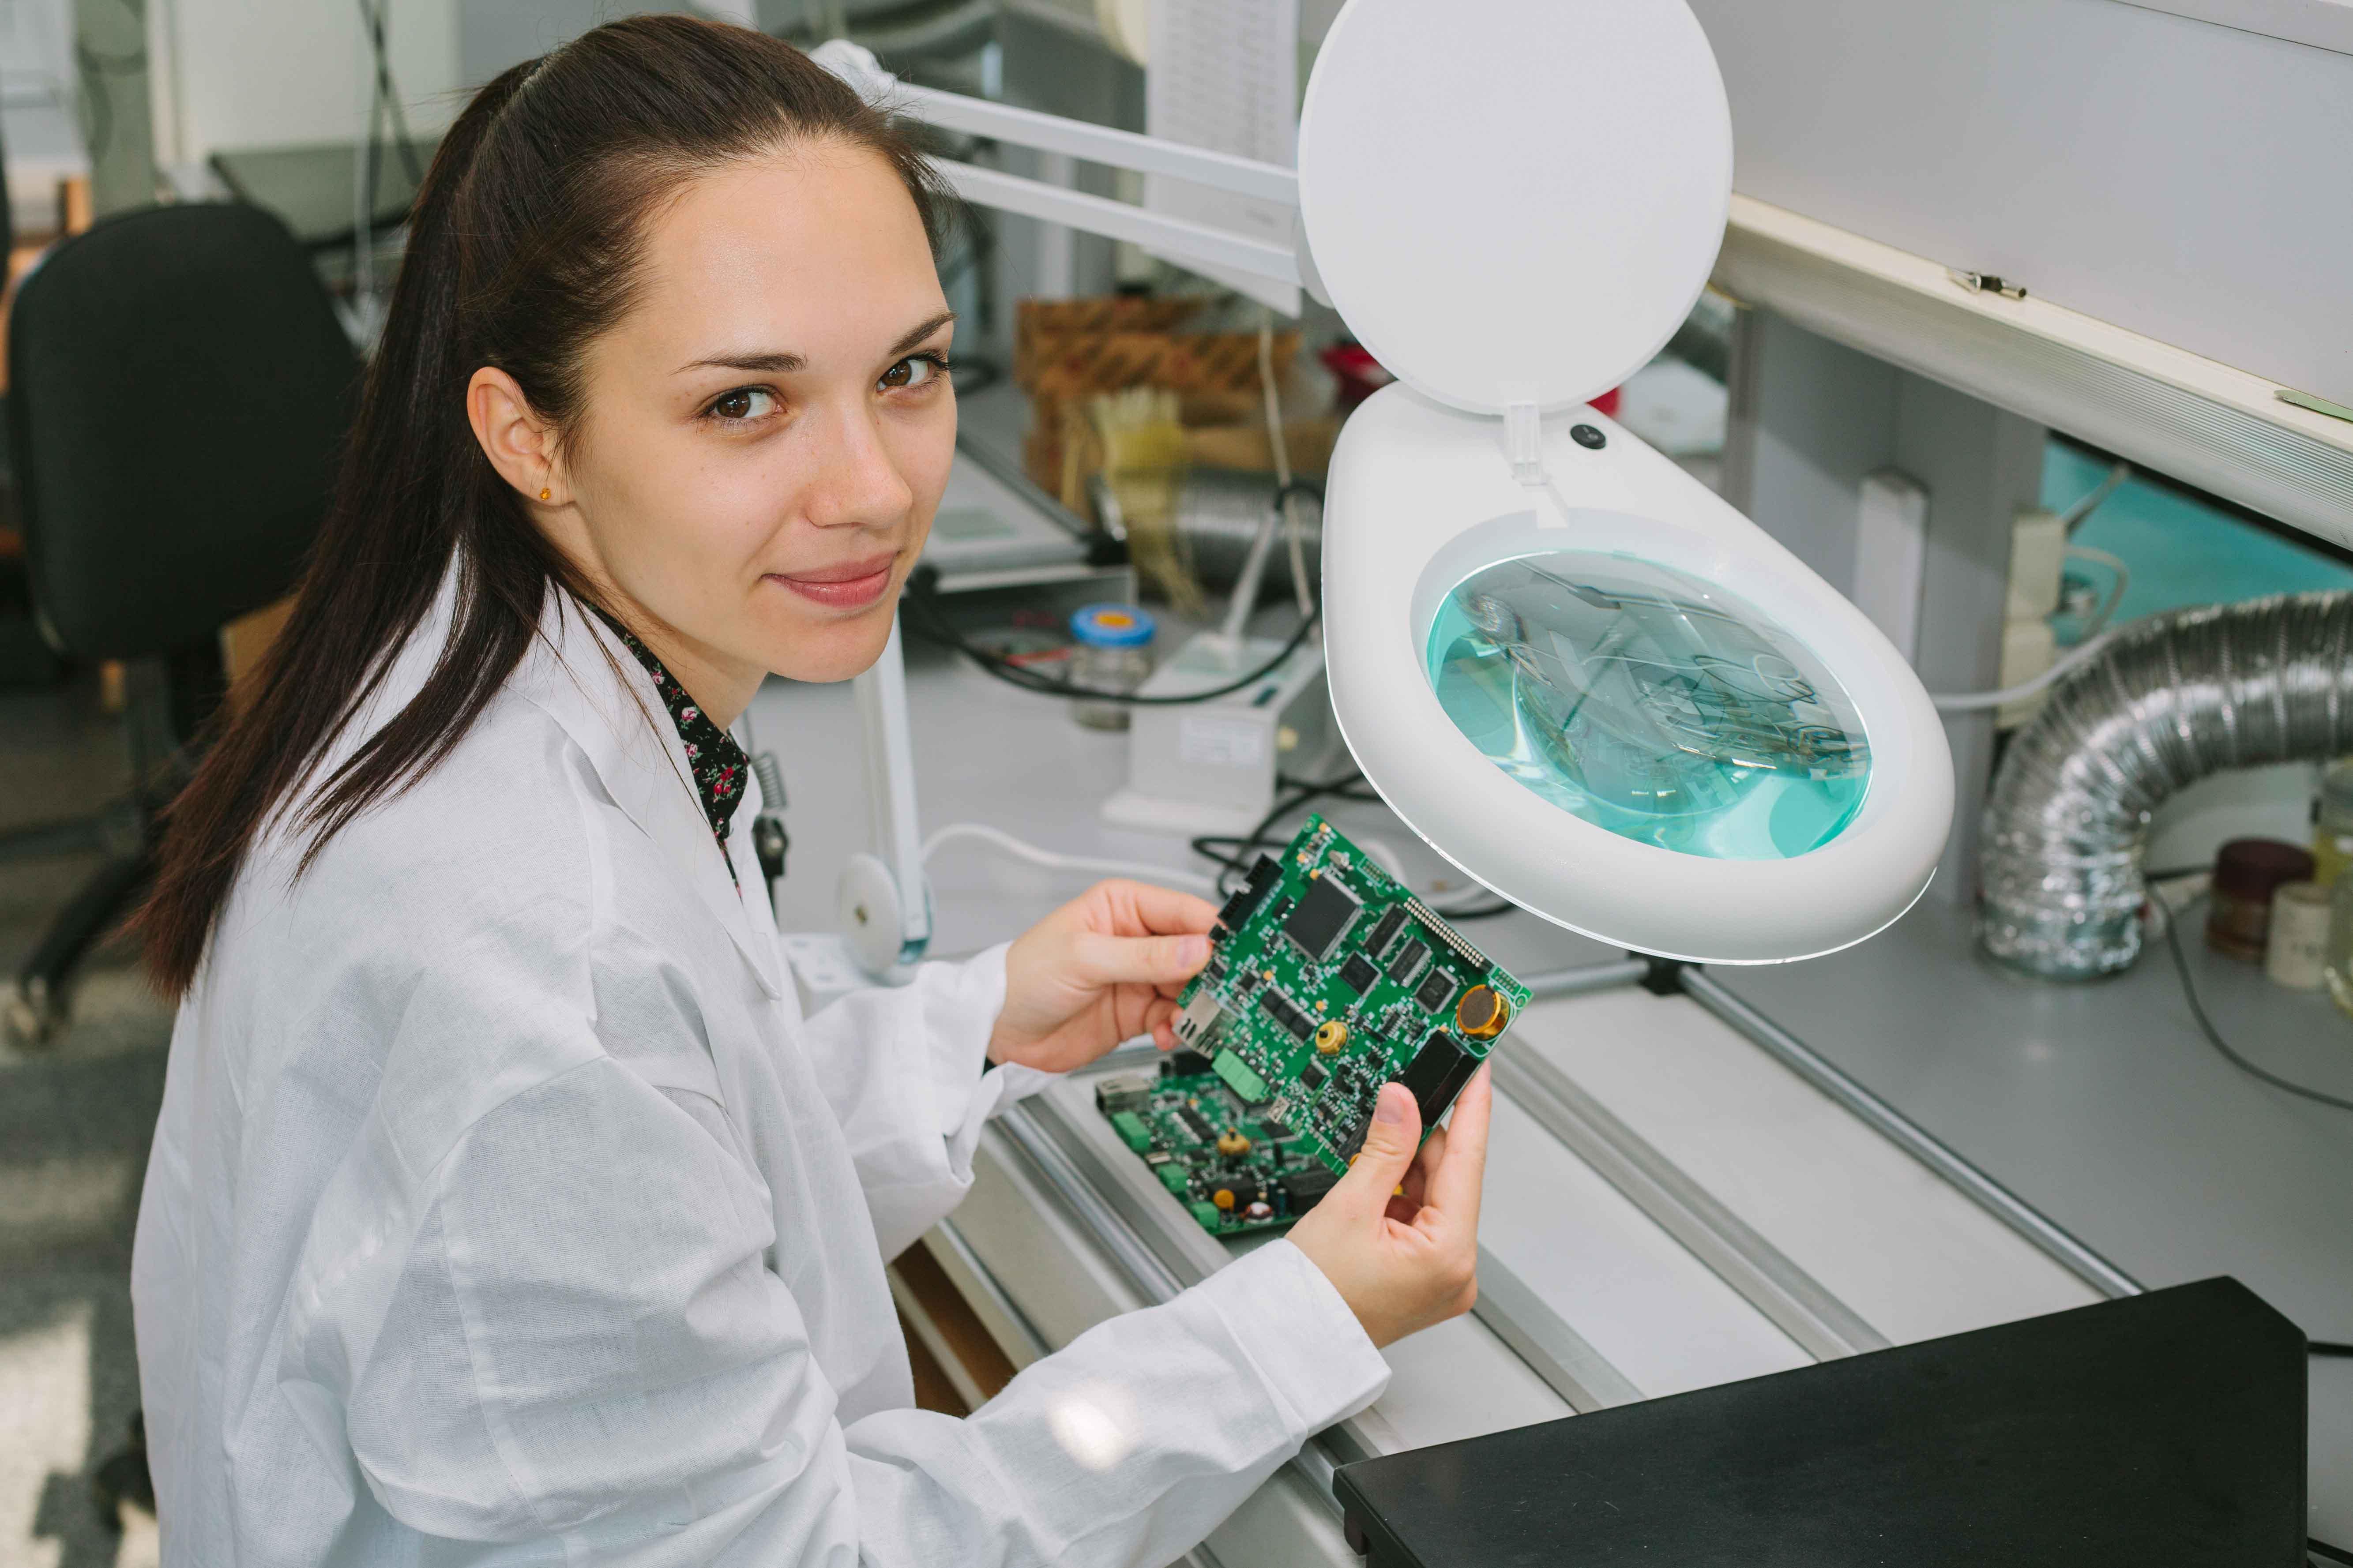 chica trabajando sobre placa electrónica